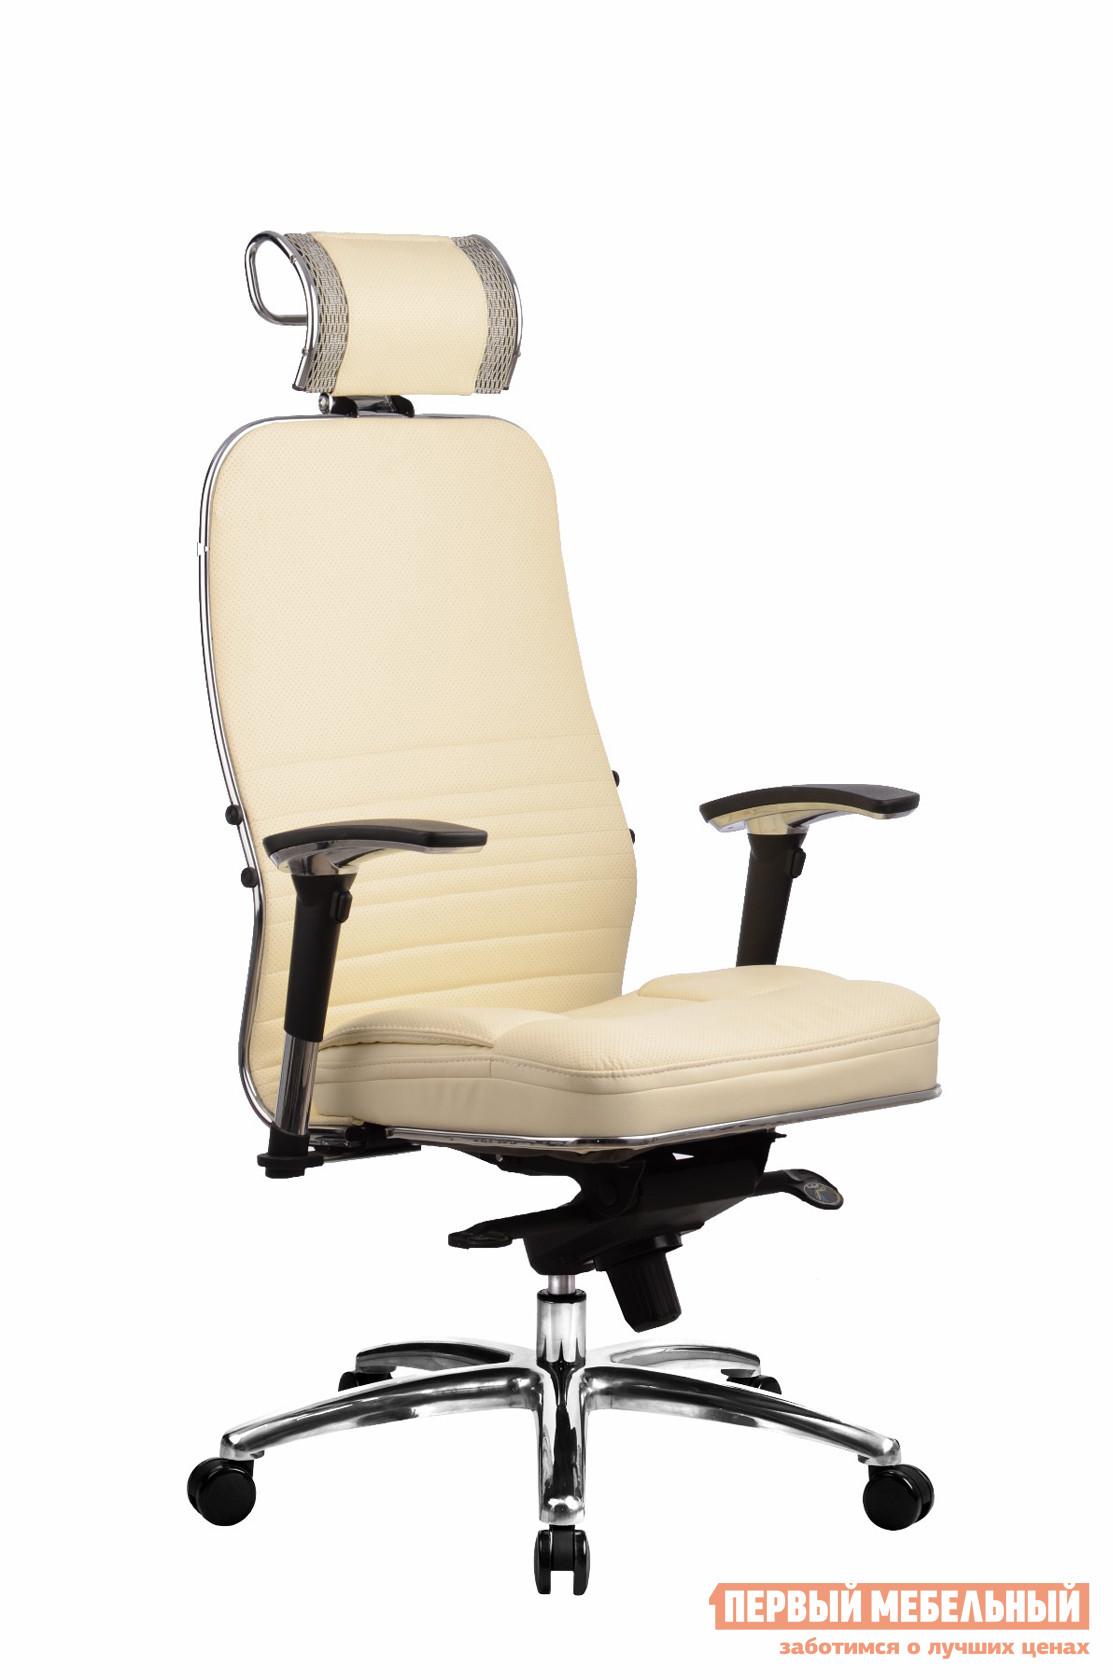 Кресло руководителя Метта Samurai KL-3.02 samurai kl 3